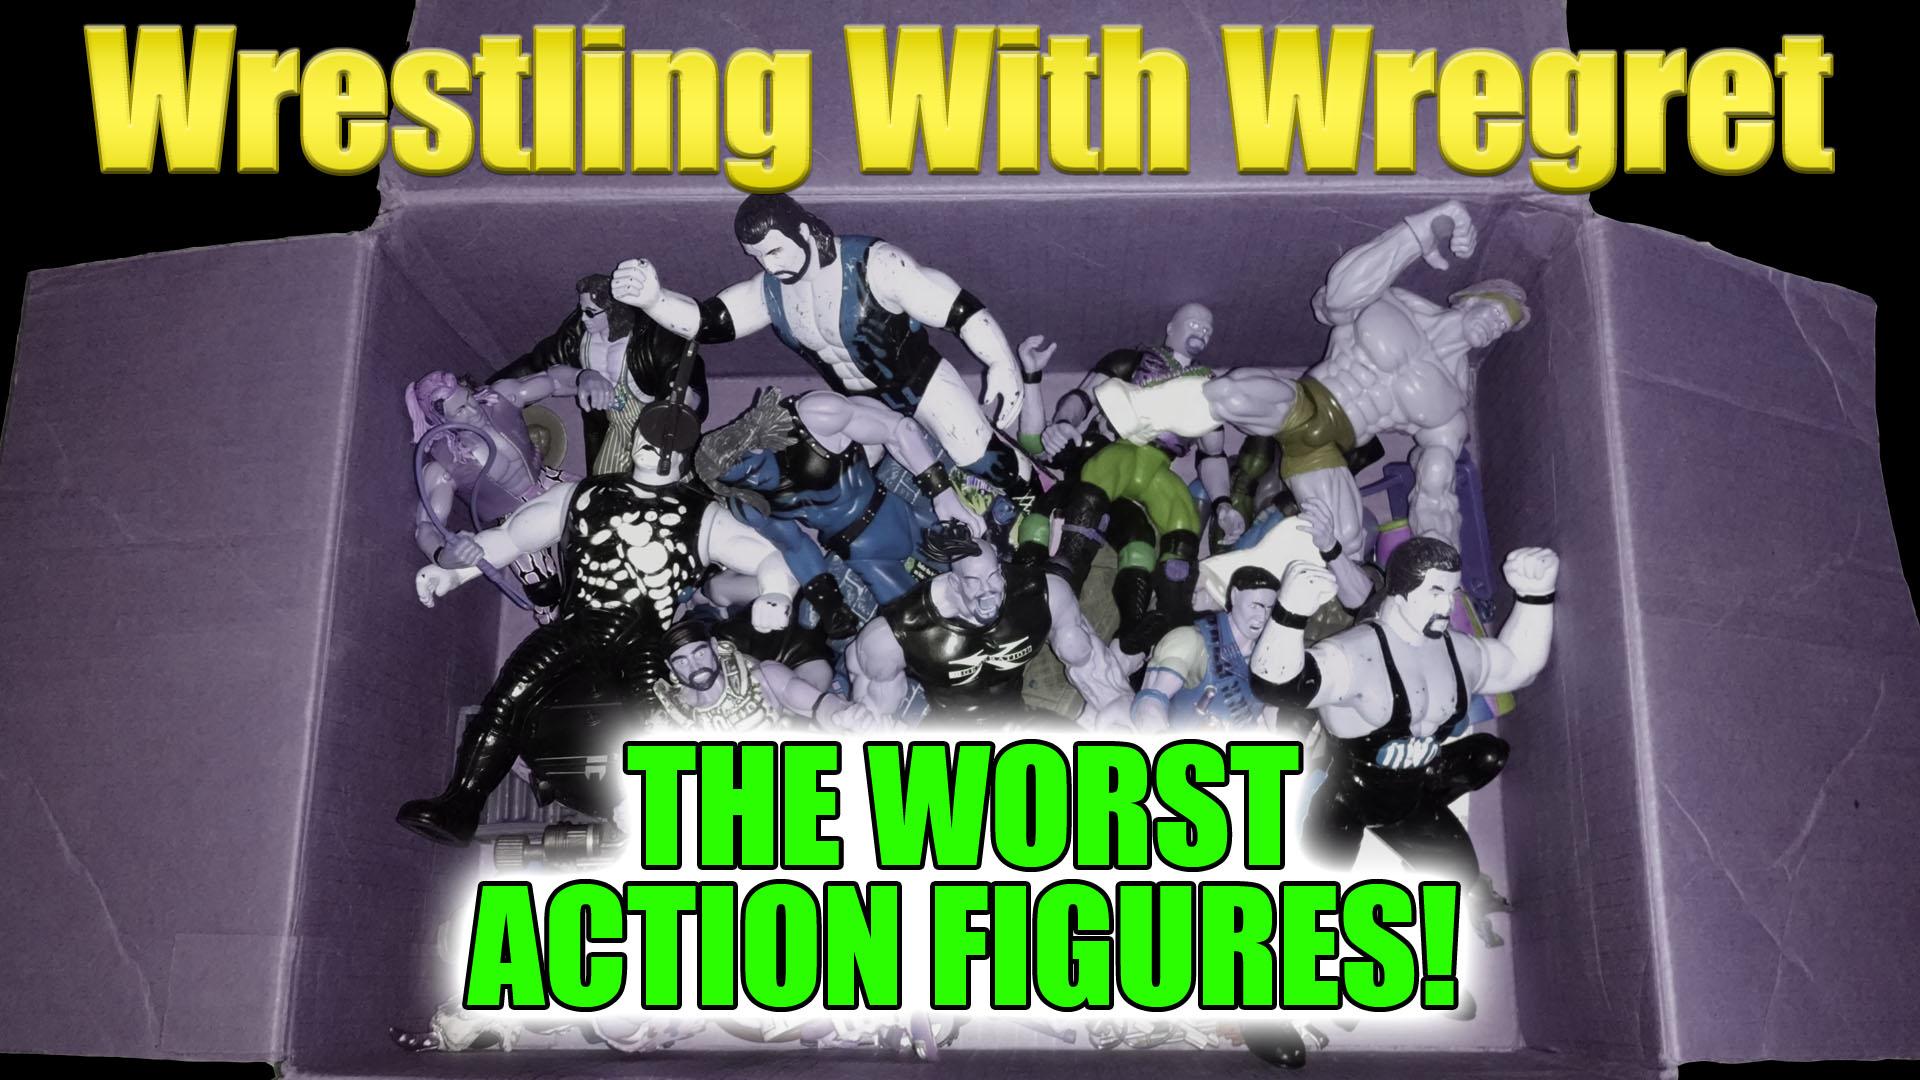 WrestlingWithWregret-WrestlingsWorstActionFigures527